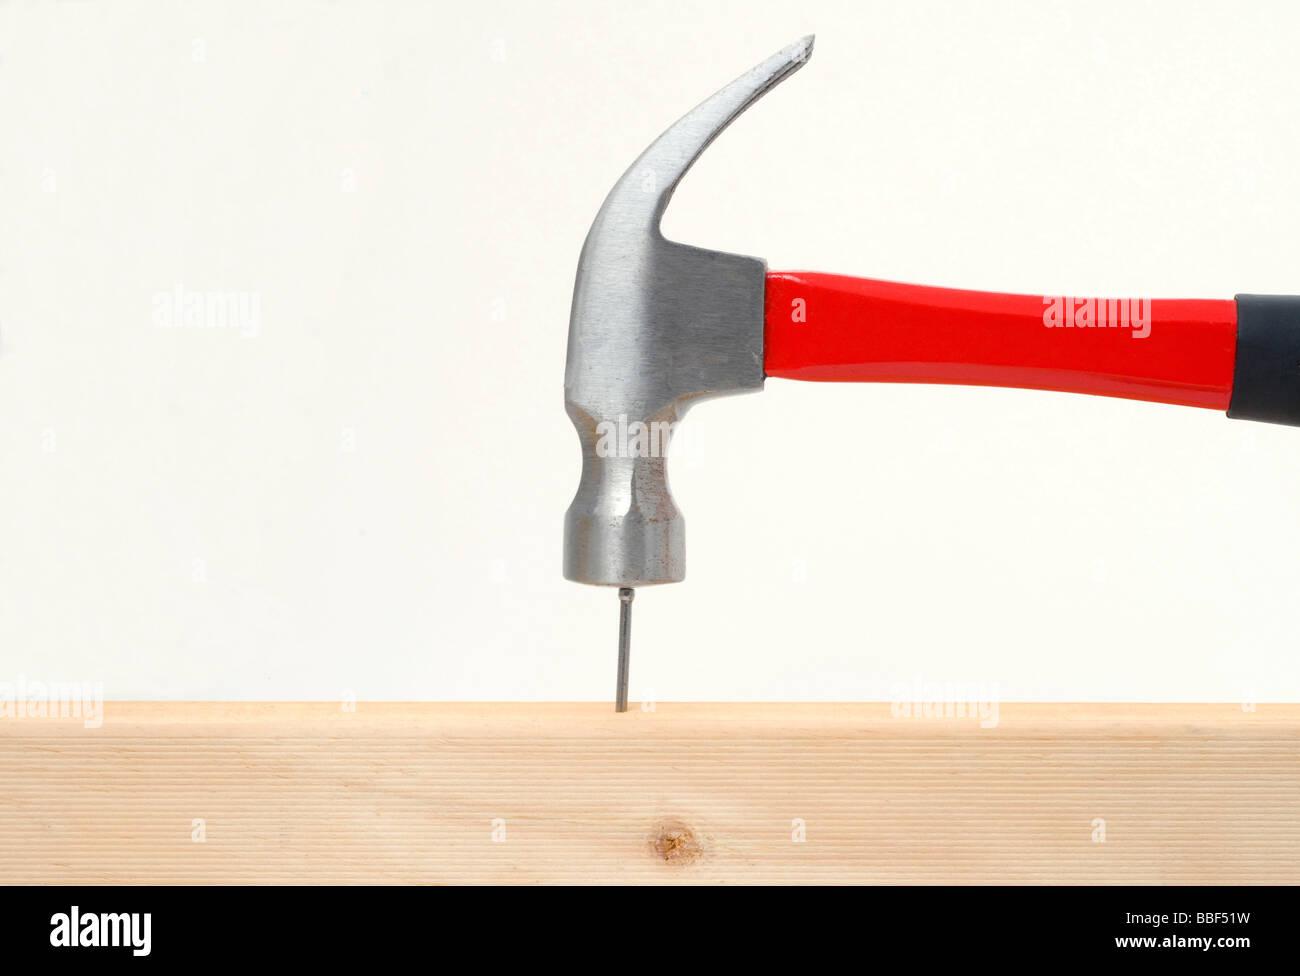 Un martillo golpea un clavo en la cabeza en woood Imagen De Stock